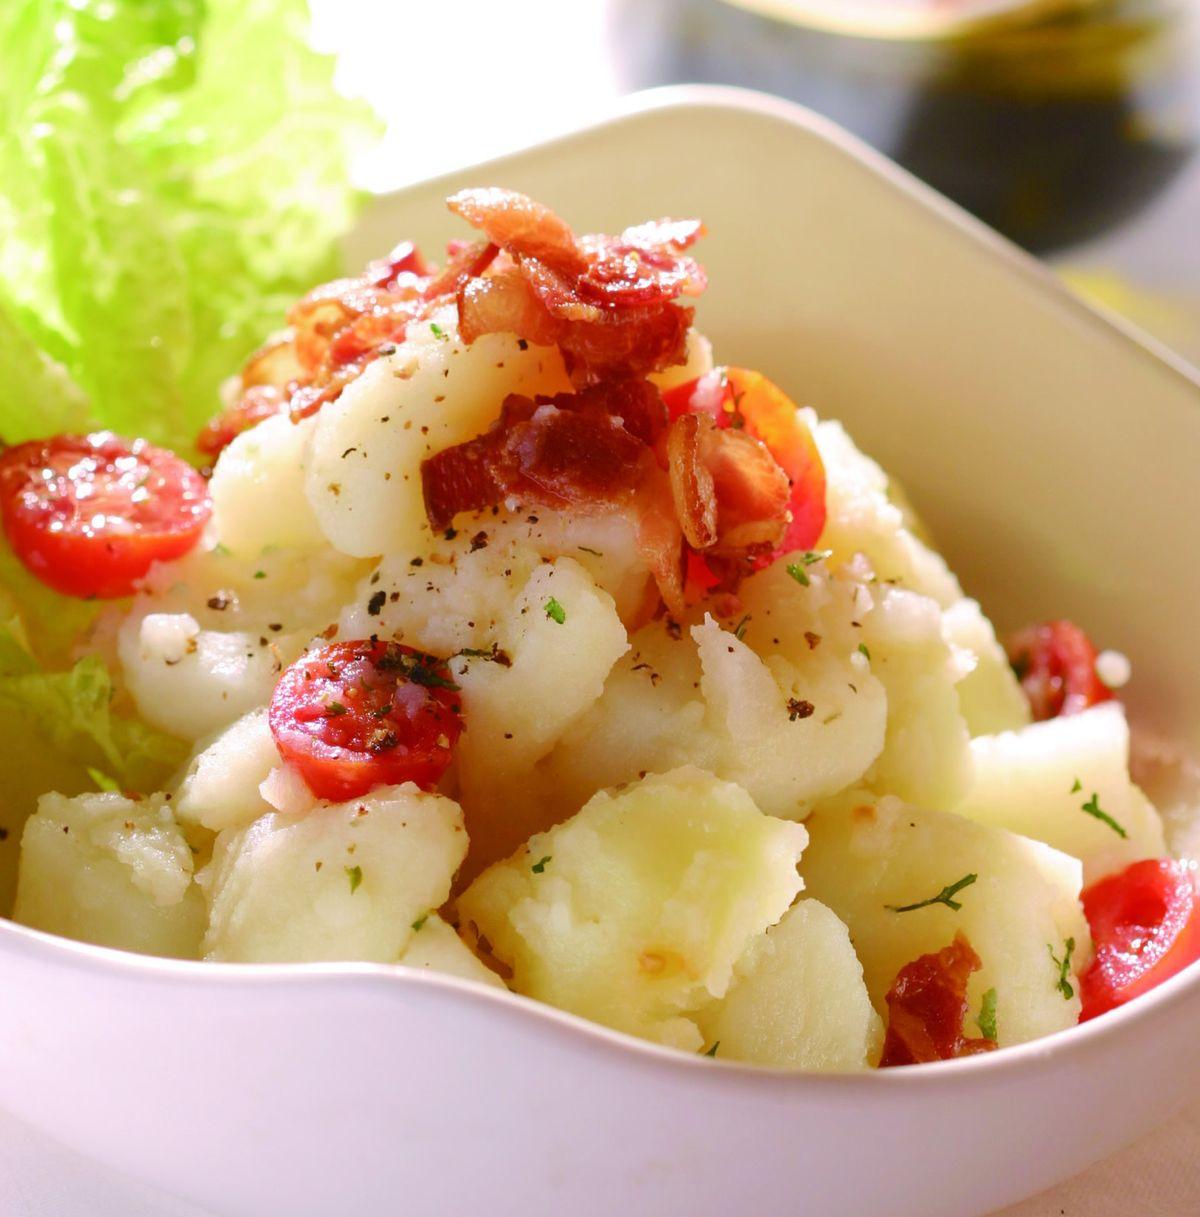 食譜:培根馬鈴薯沙拉